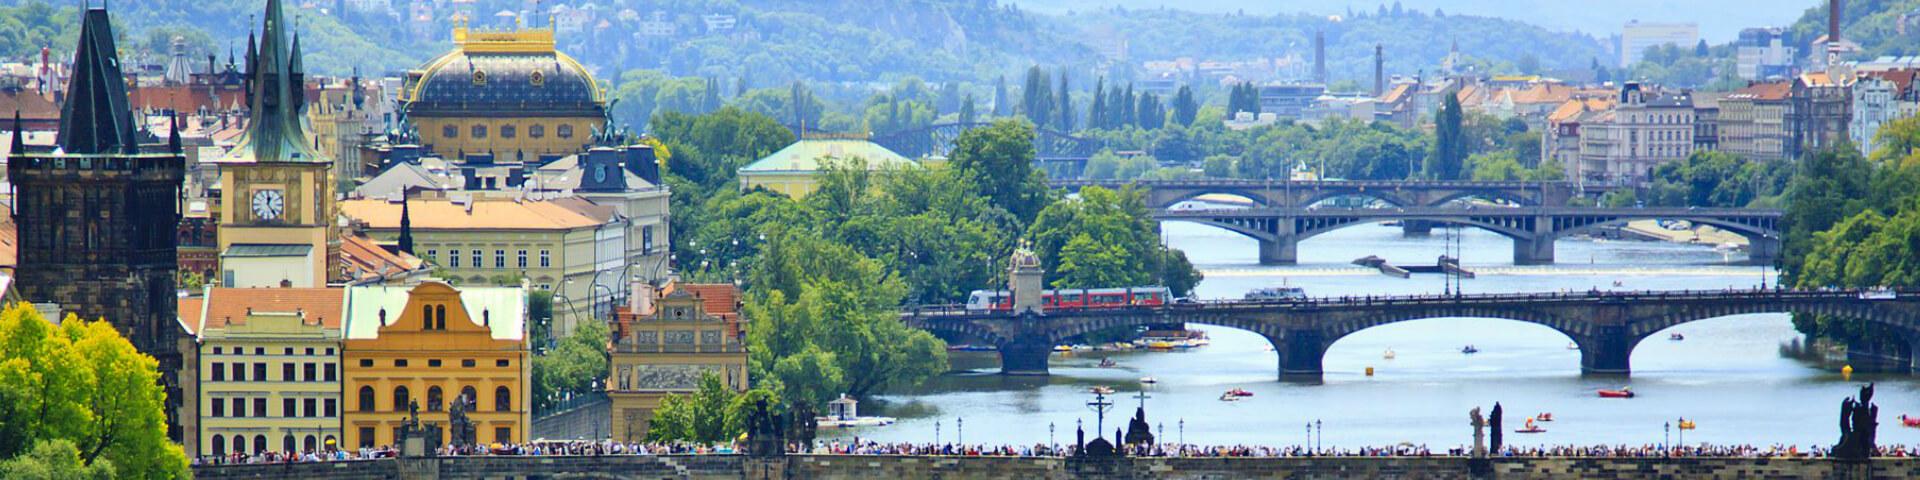 Власти Чехии намерены увеличить налоговую ставку на гемблинг